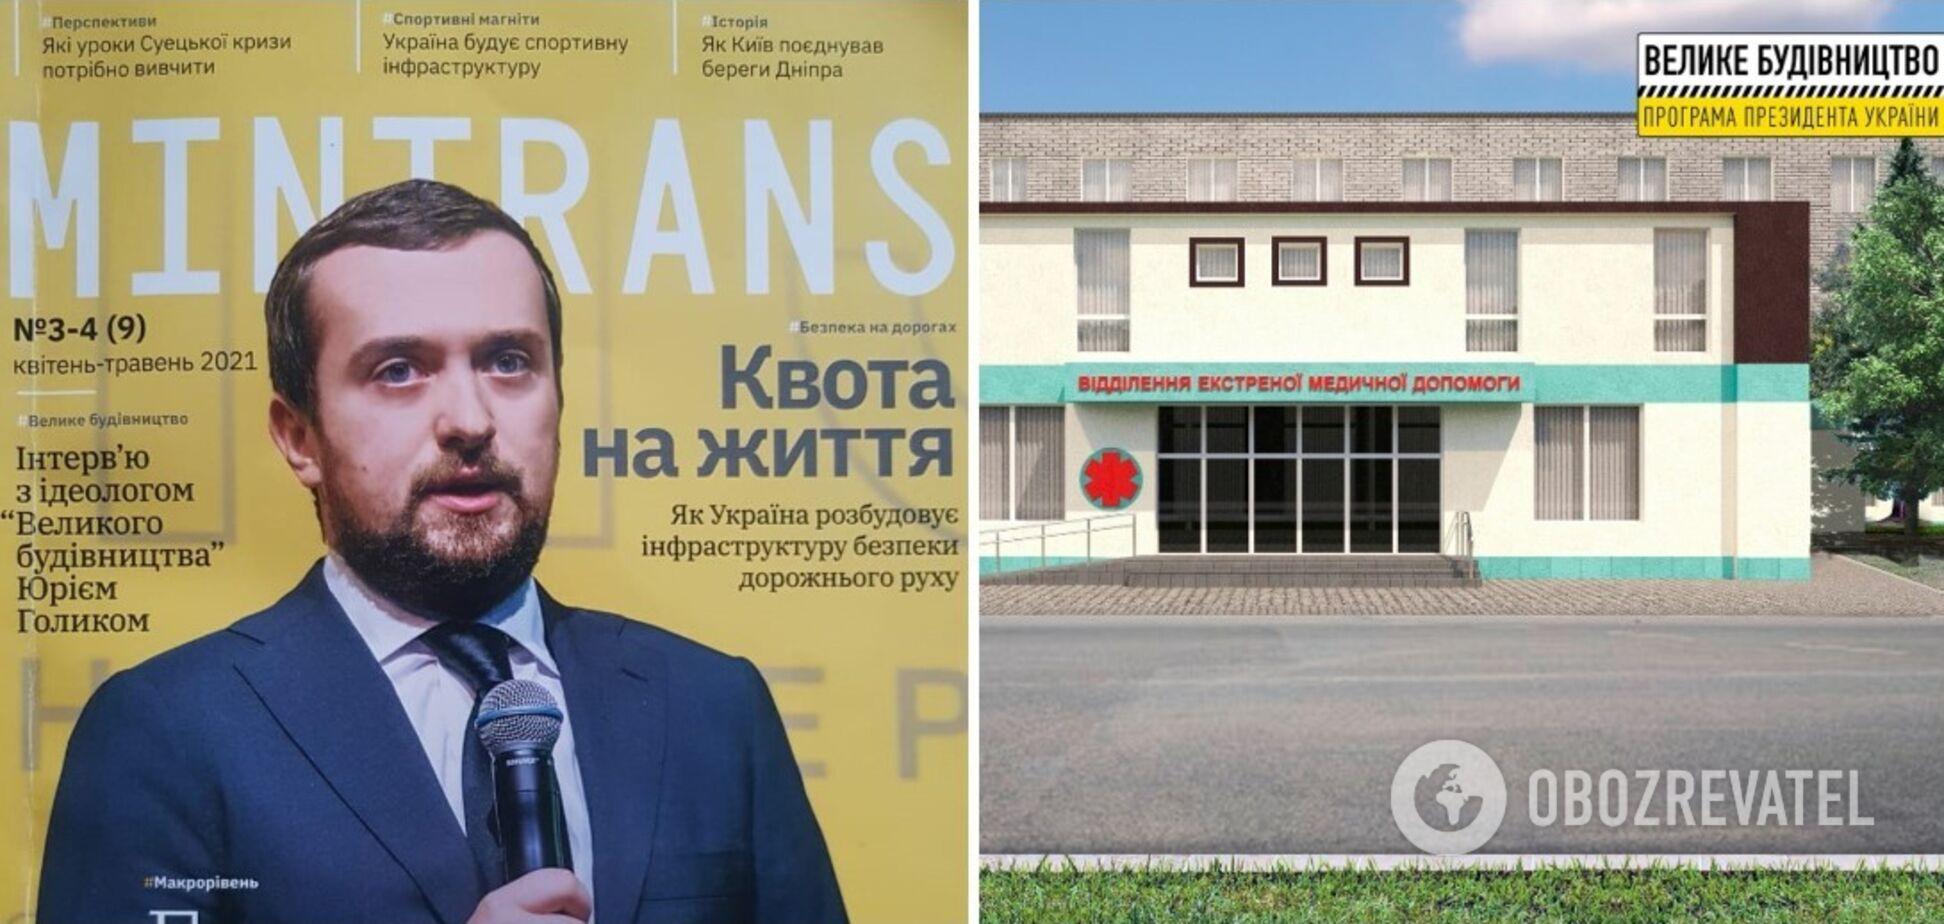 Тимошенко розповів про завершення реконструкції 202 відділень екстреної меддопомоги за програмою 'Велике будівництво'